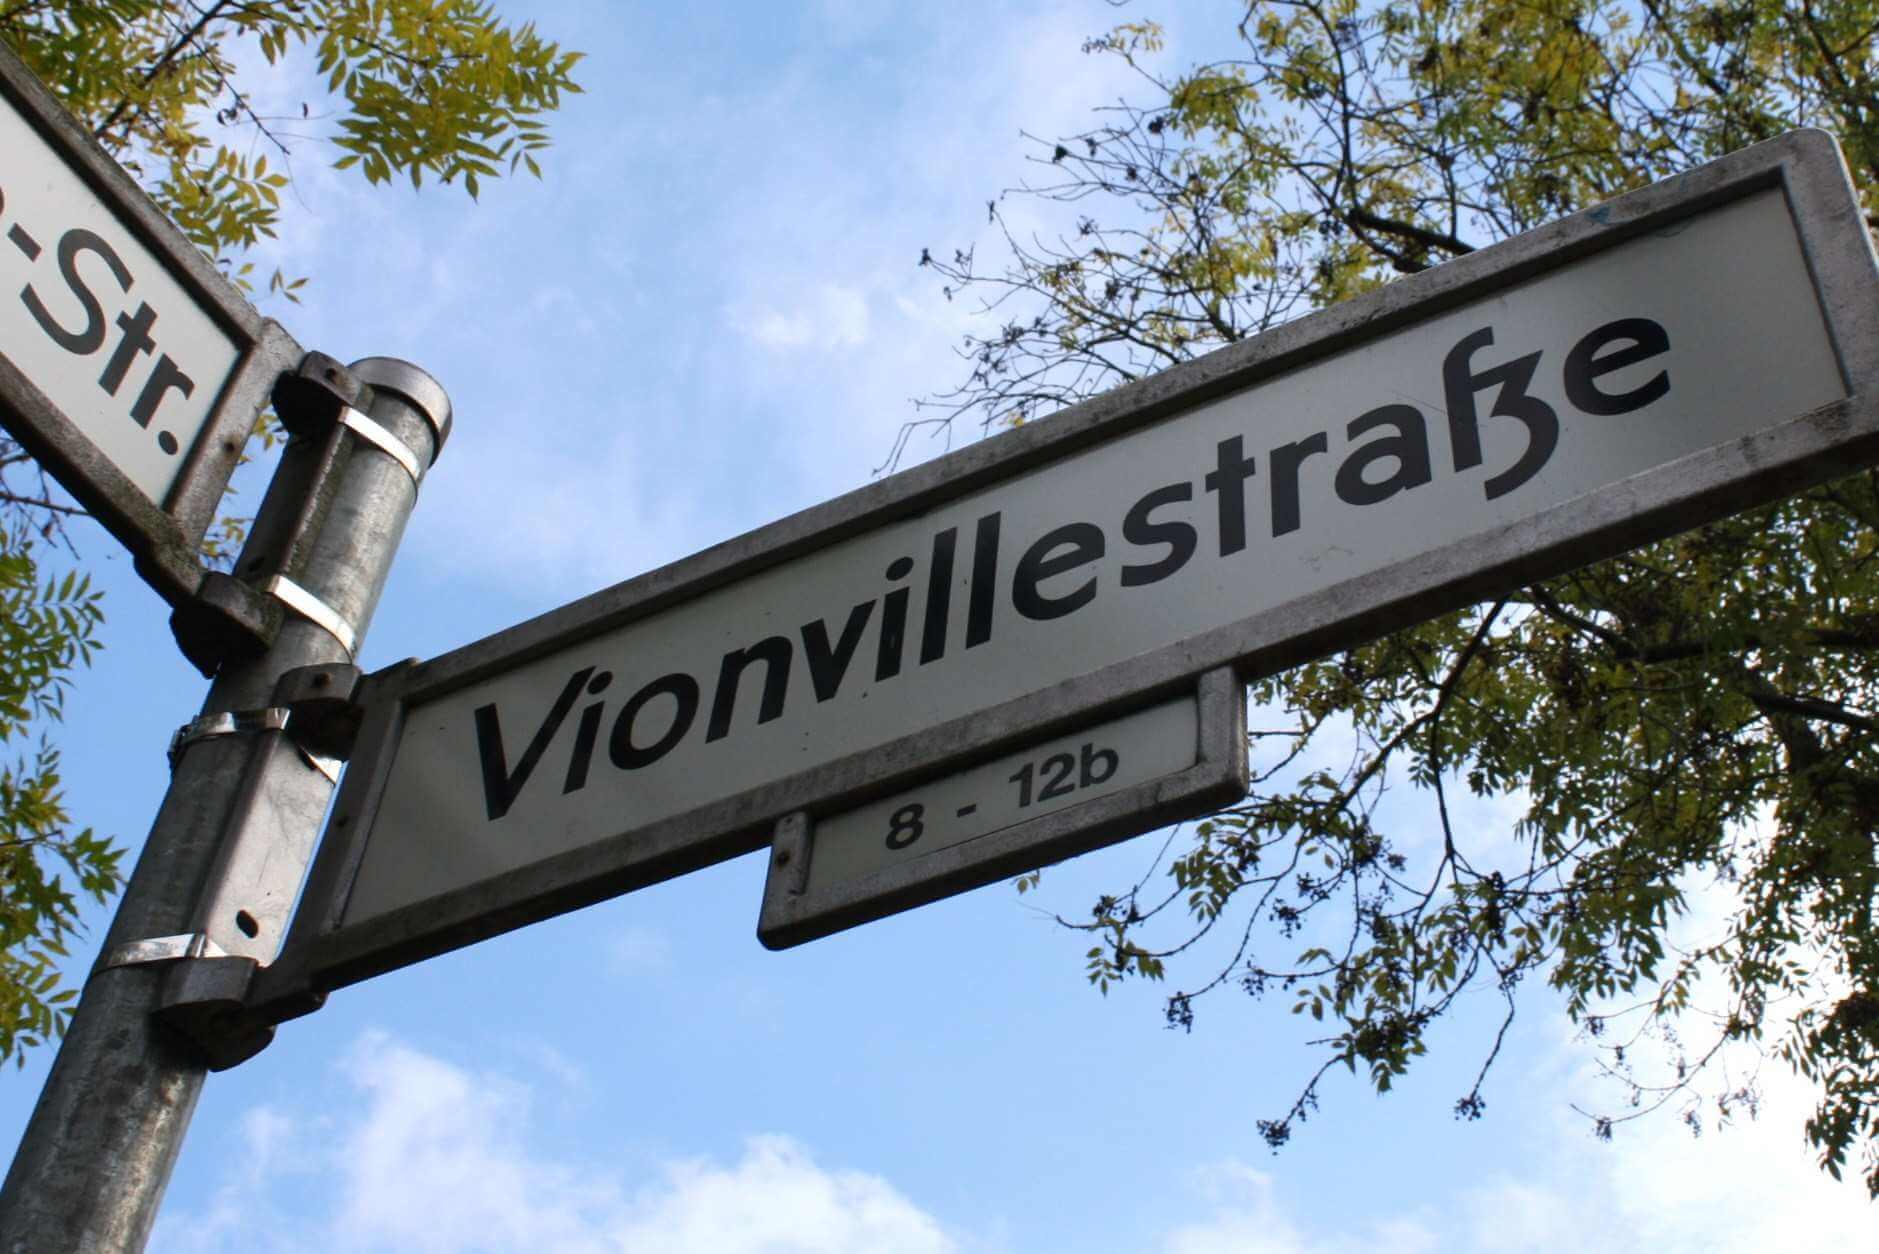 StraßenABC: V wie Vionvillestraße